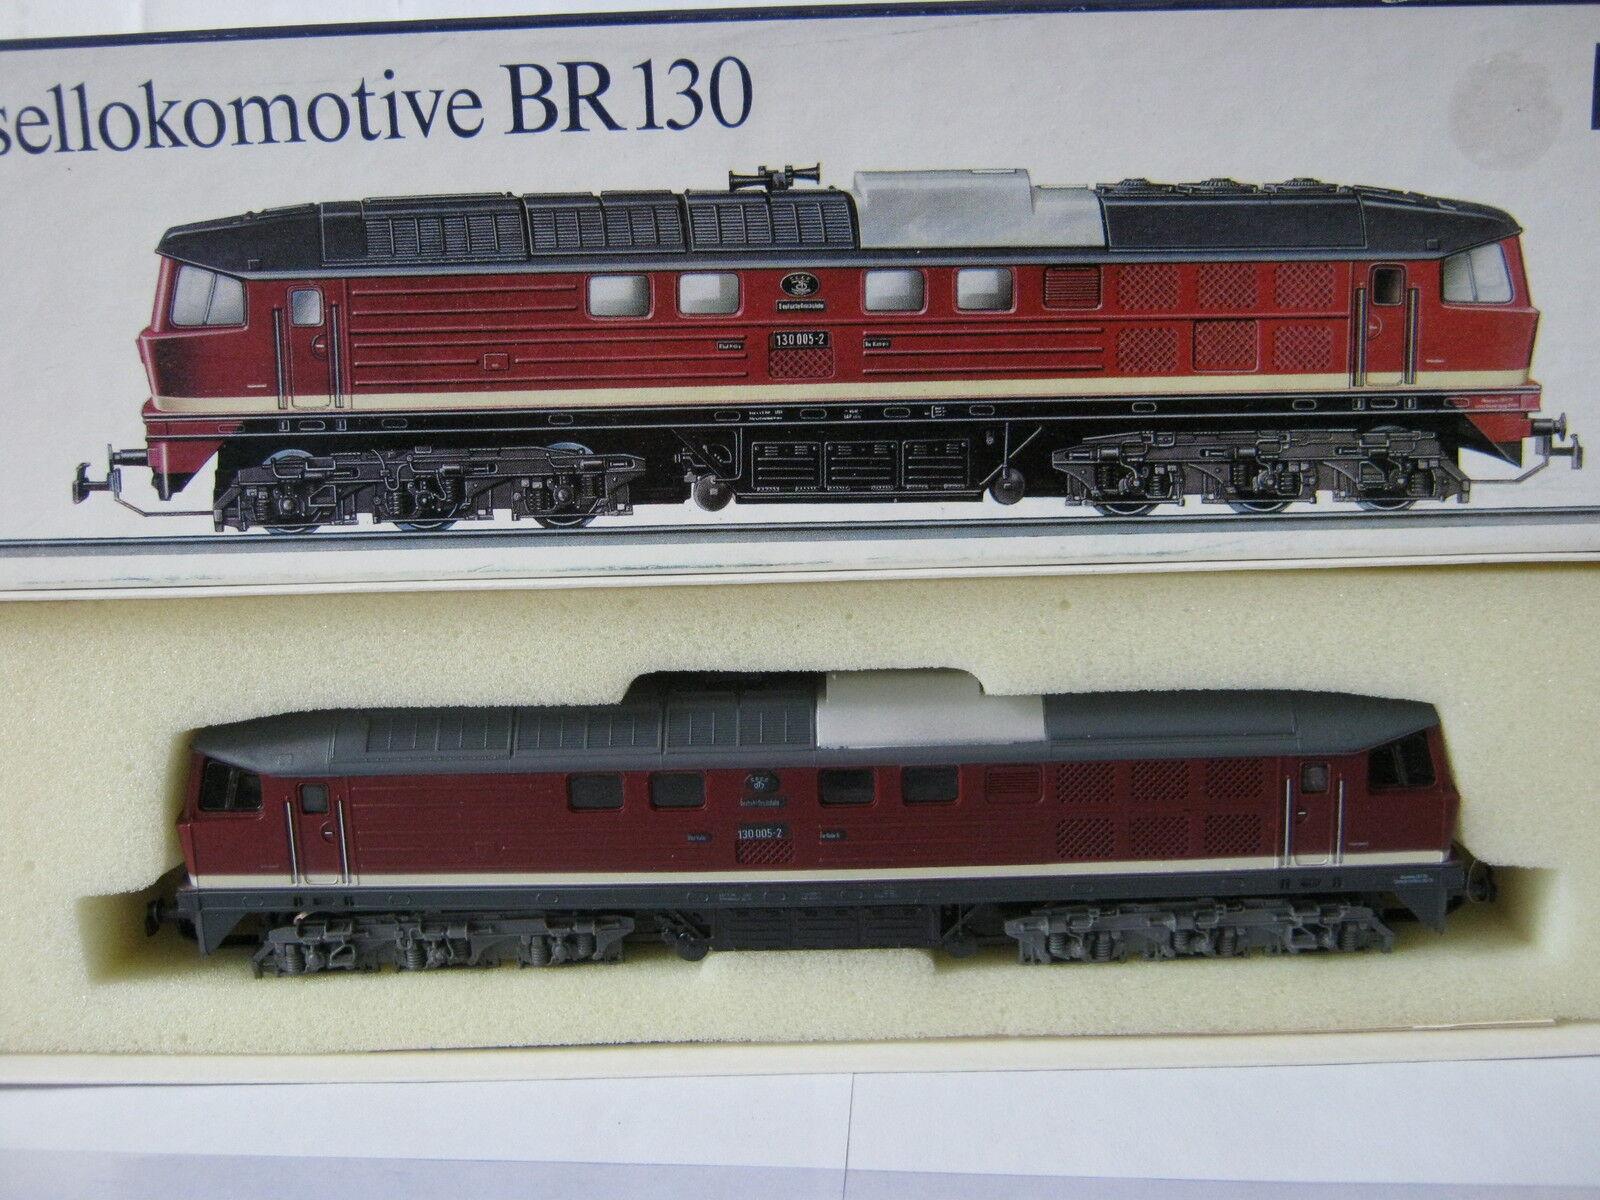 edición limitada Piko ho 5 5 5 601 diesel Lok br 130005-2 Imperio alemán tren CCCP (rg bw 105-55s9 1)  tomamos a los clientes como nuestro dios